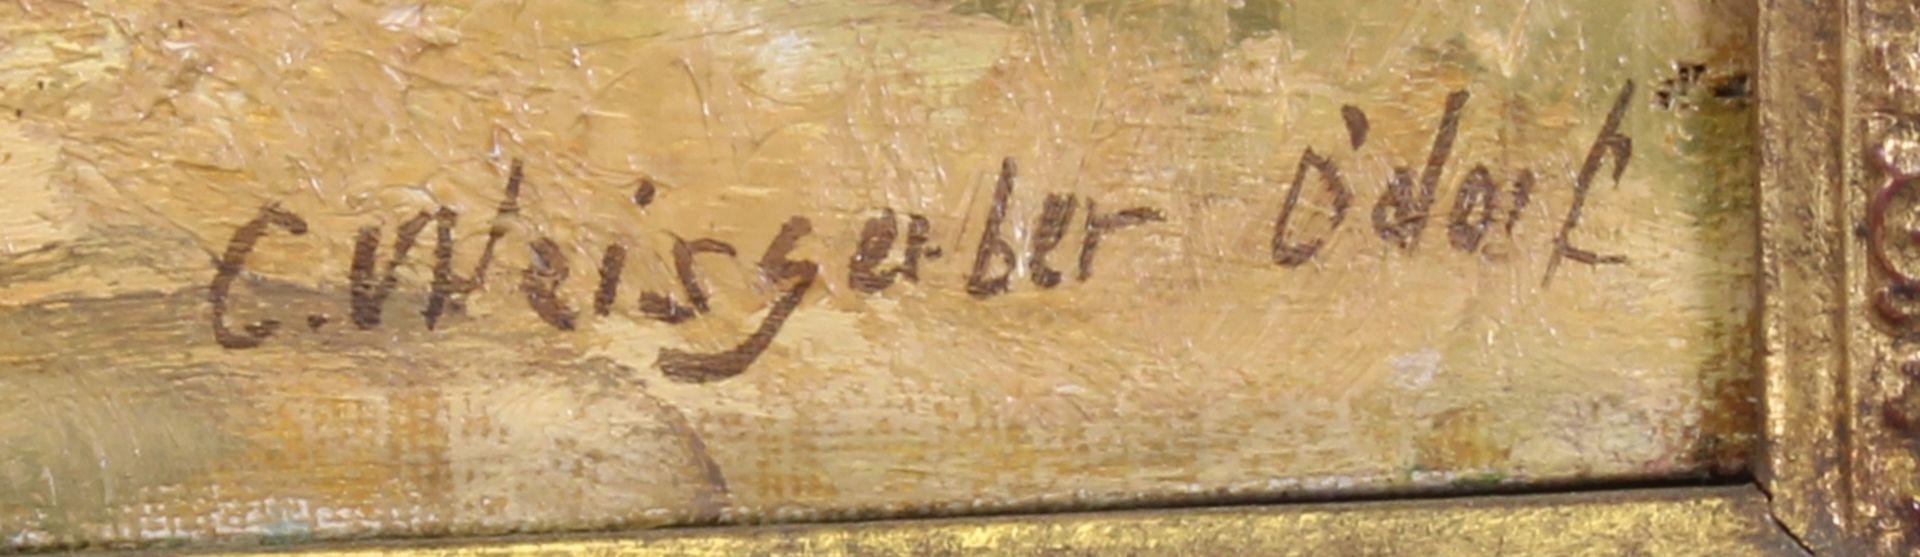 Weisgerber, Carl (Ahrweiler 1891 - 1968 Düsseldorf, deutscher Tier- und Landschaftsmaler, Schüler v - Bild 3 aus 4